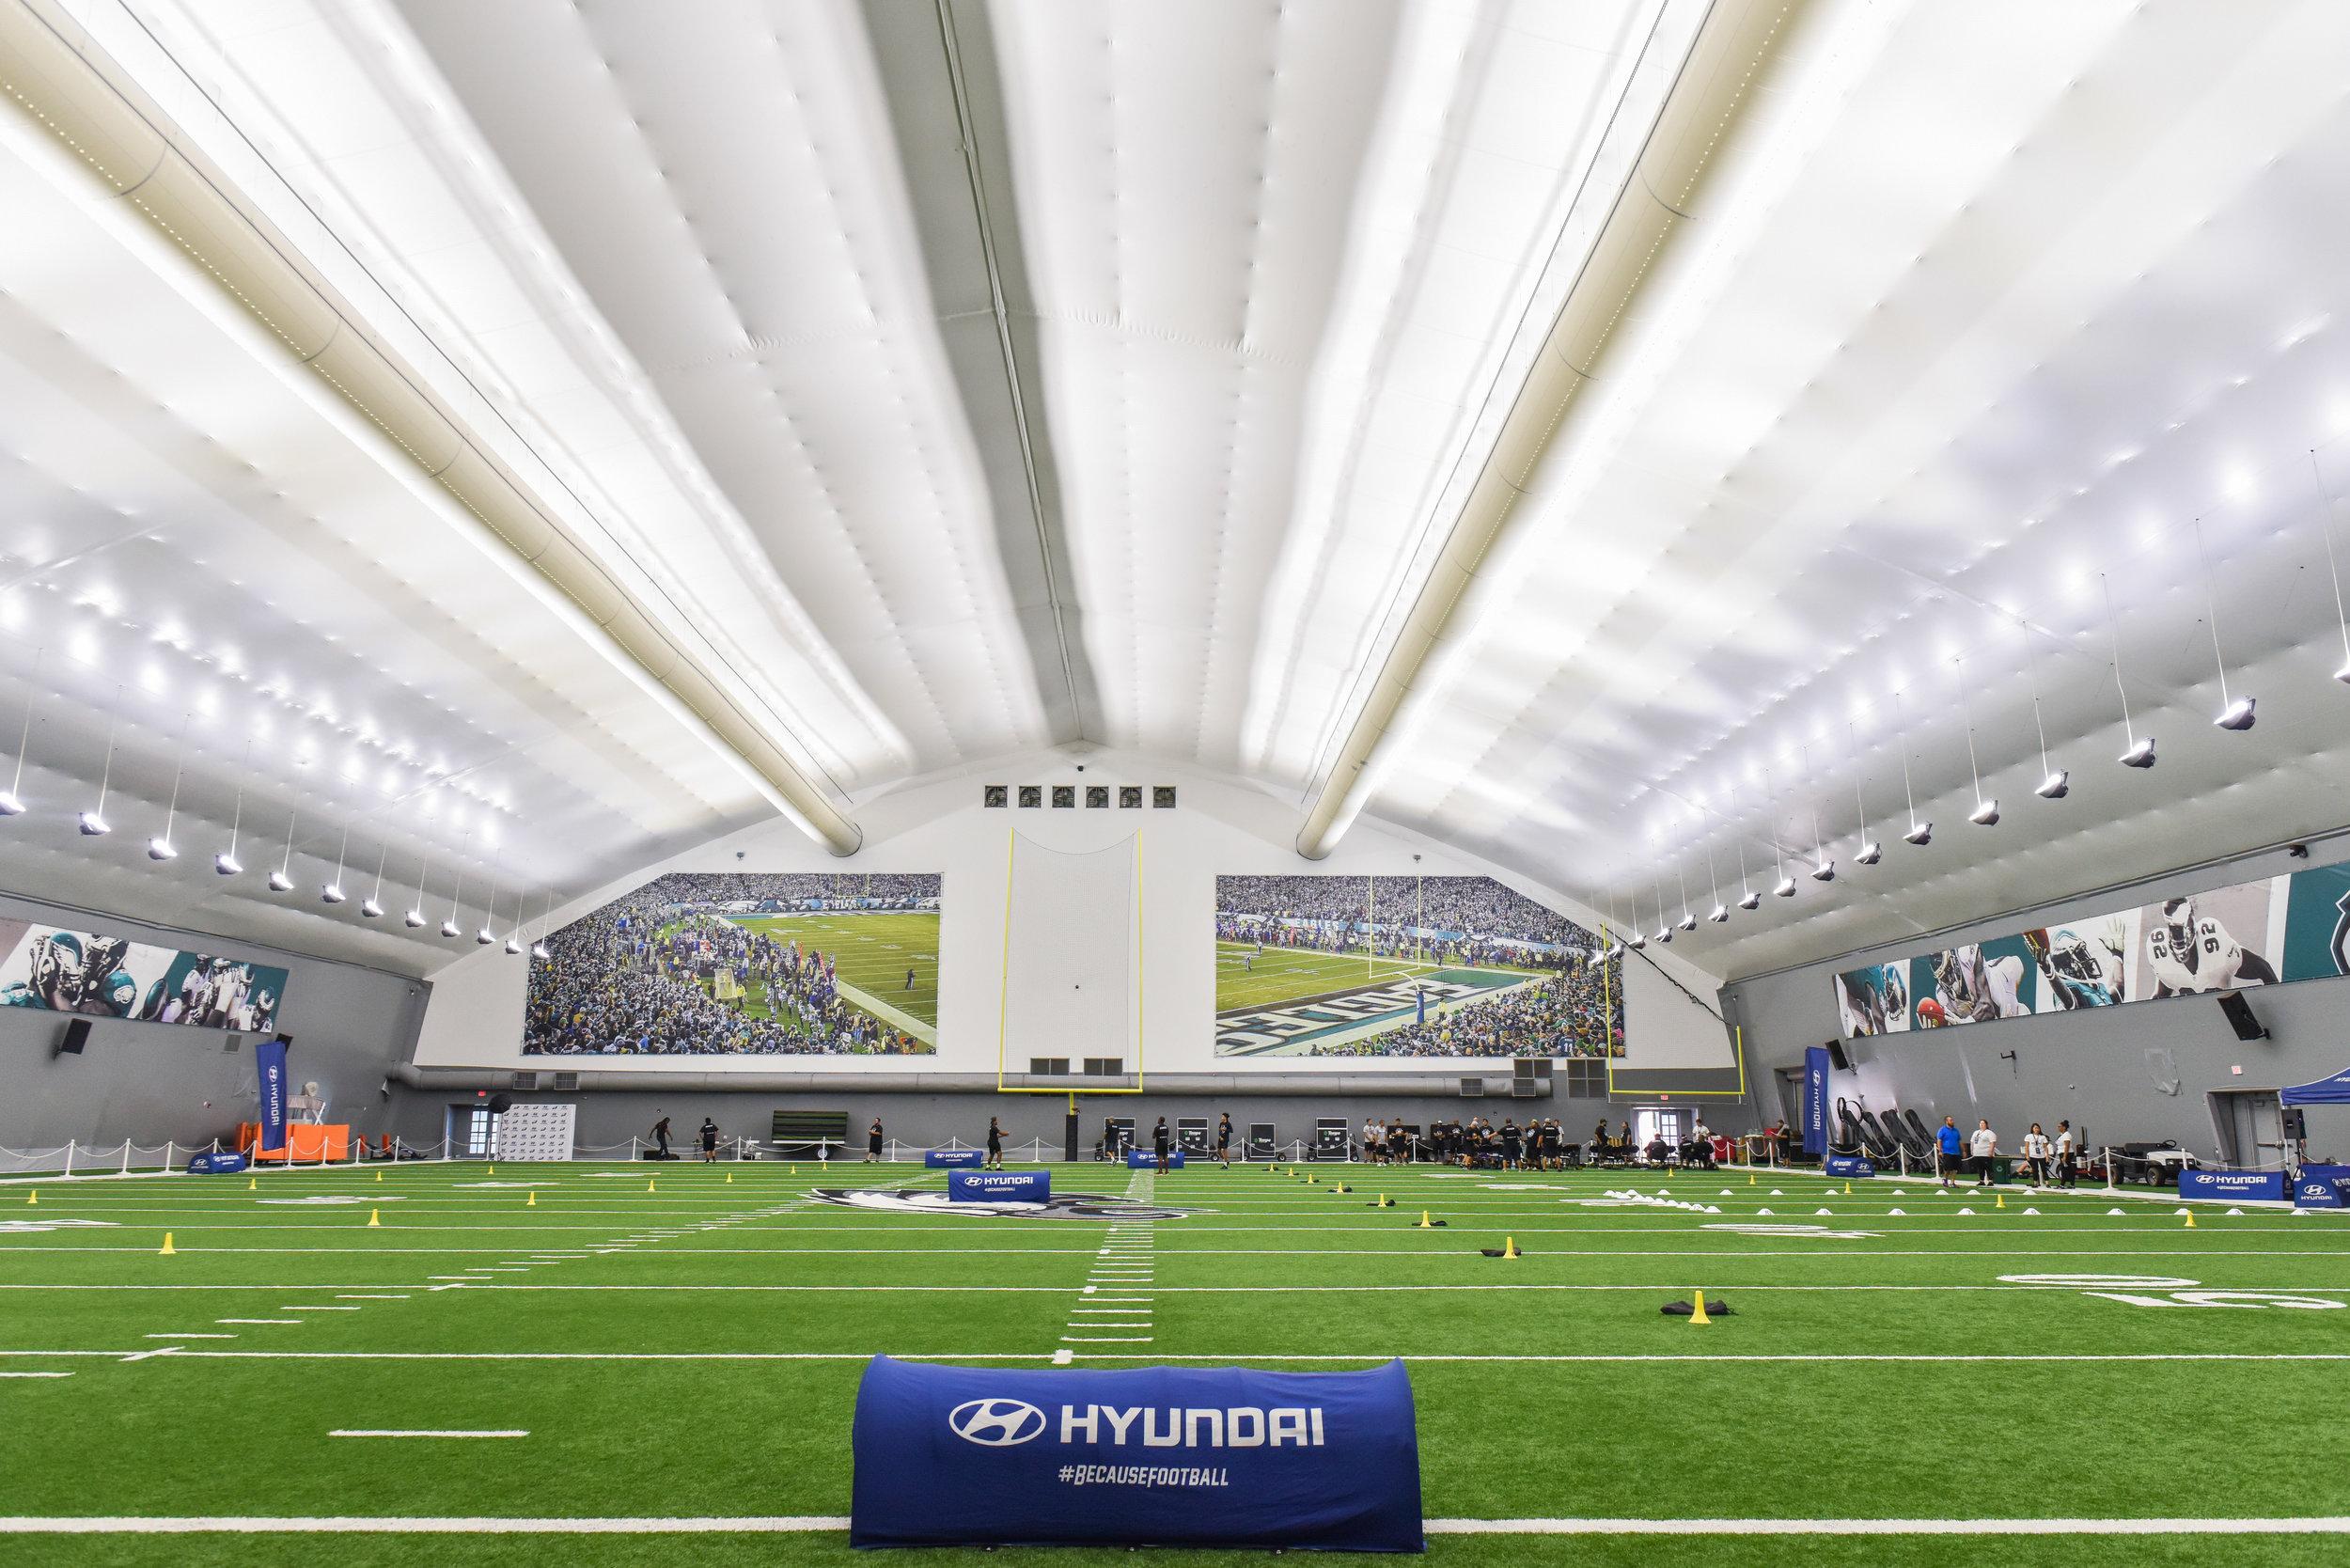 OHelloMedia-Hyundai-YouthFootballCamps-Philadelphia-TopSelect-3.jpg